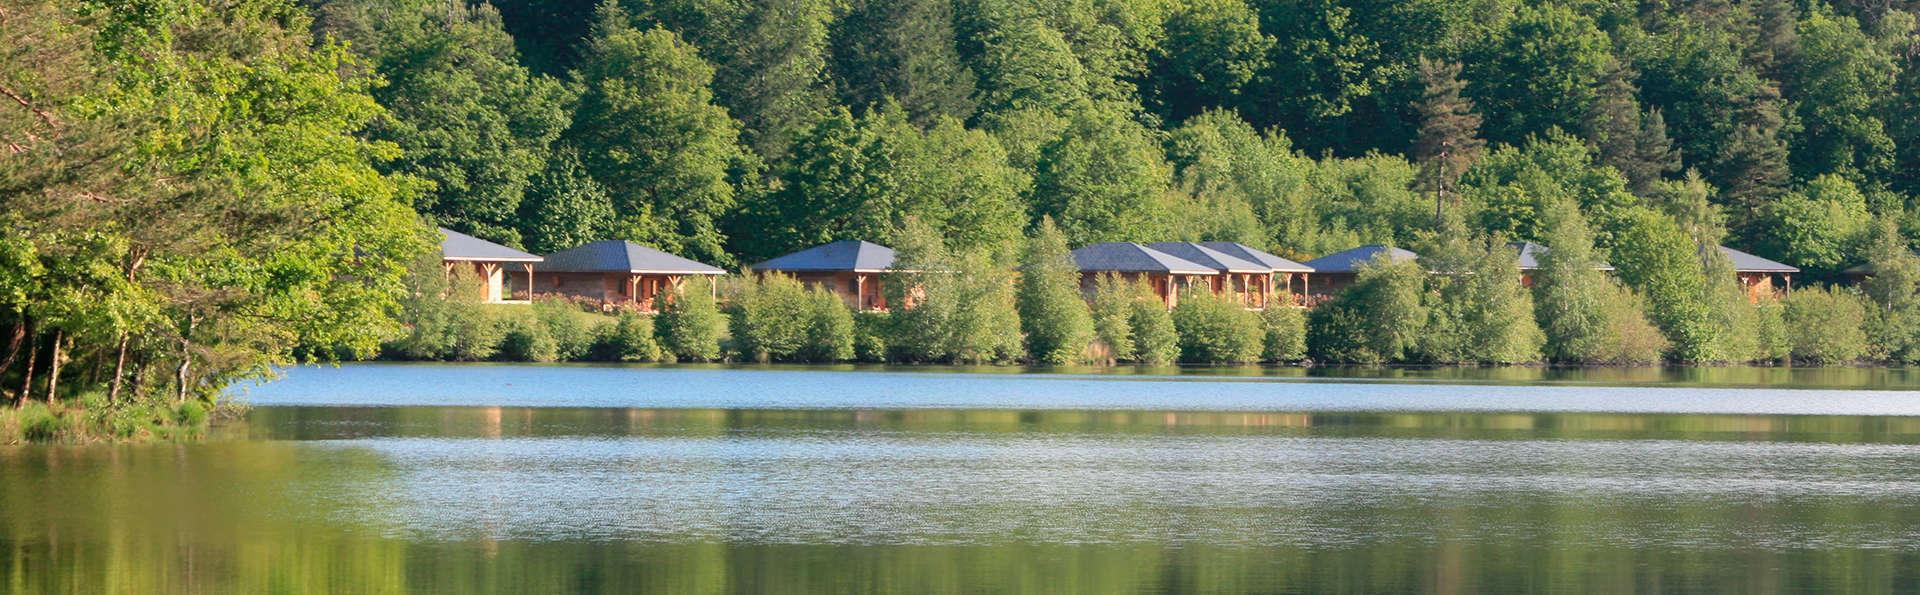 Week-end découverte dans un chalet au bord d'un lac dans le Parc Naturel Régional de Millevaches